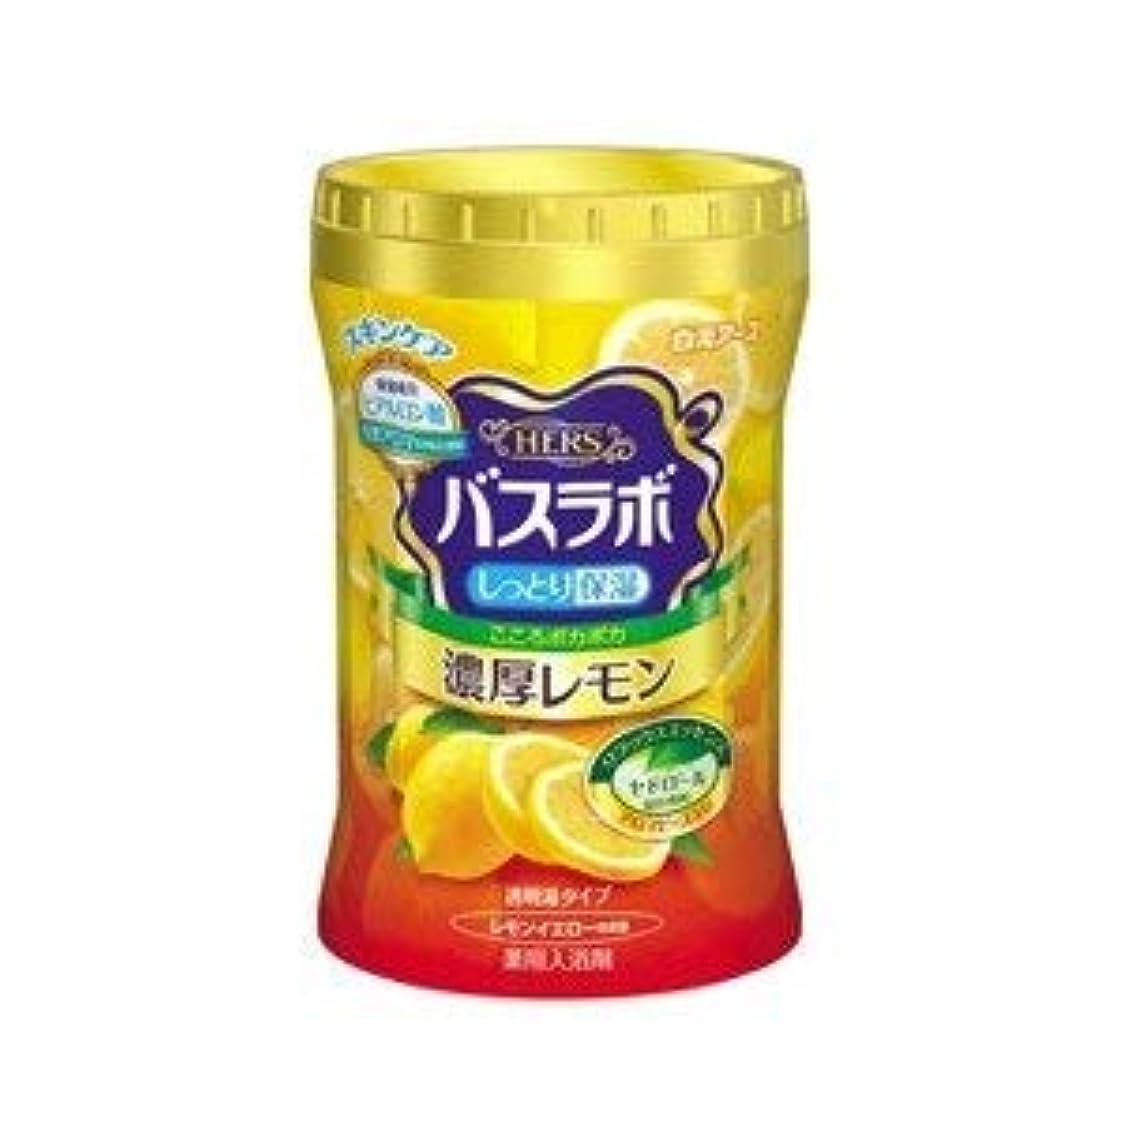 疑問を超えて縁クールバスラボボトル濃厚レモン640g